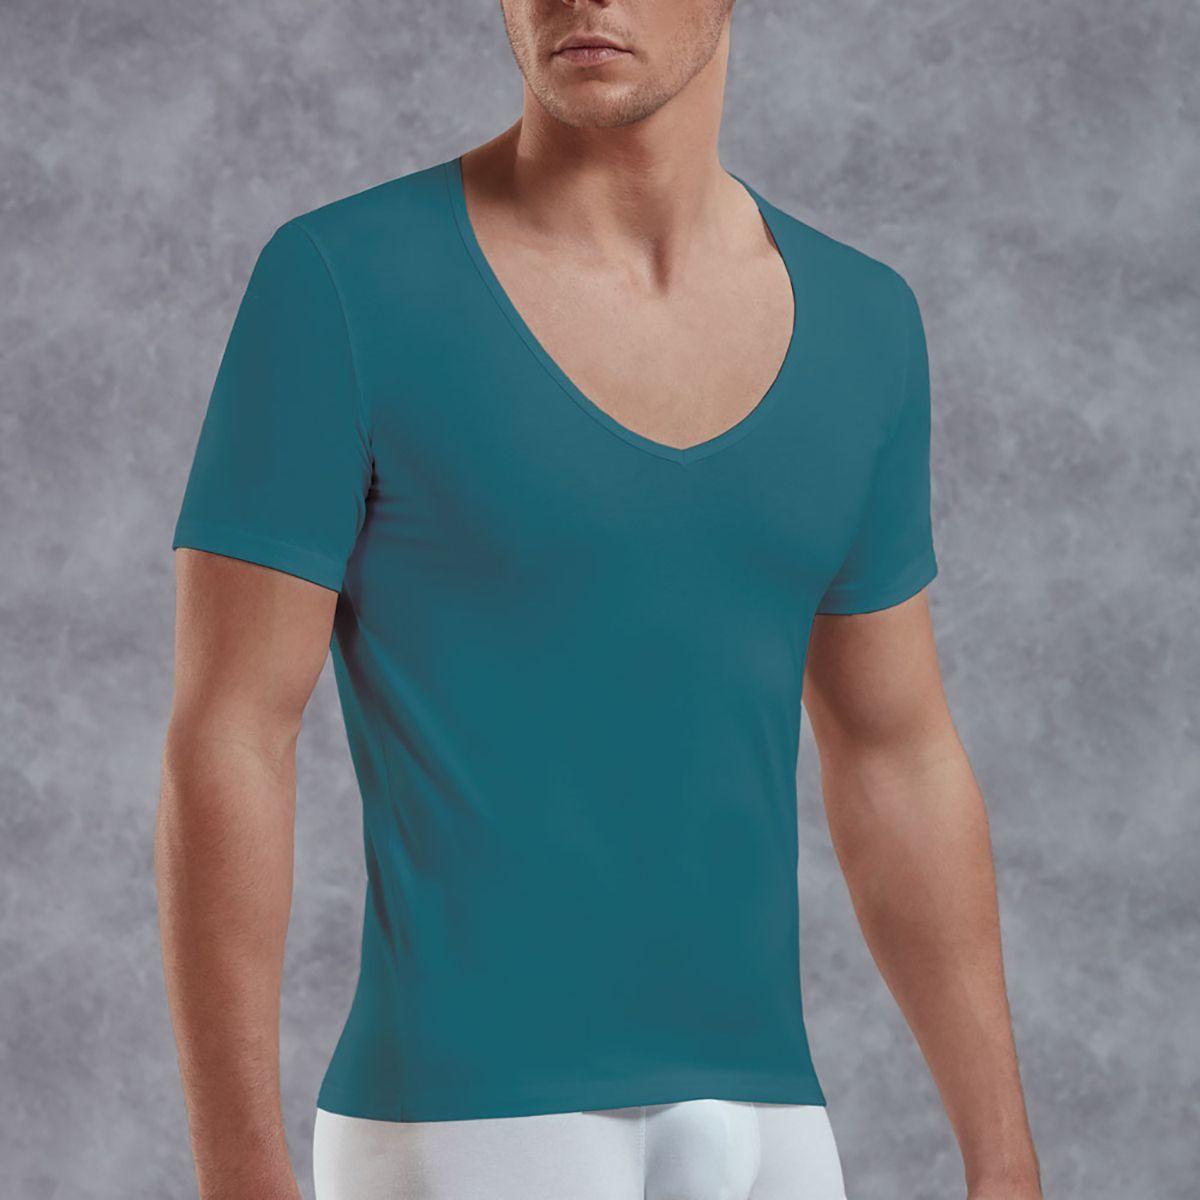 Мужское белье: Мужская футболка с V-образным вырезом